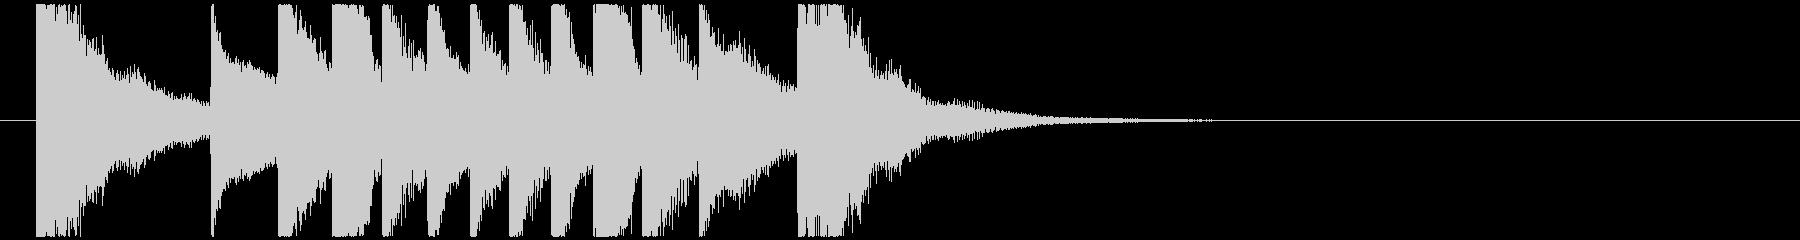 聞き馴染みのある和風・正月系ロゴ(B)の未再生の波形